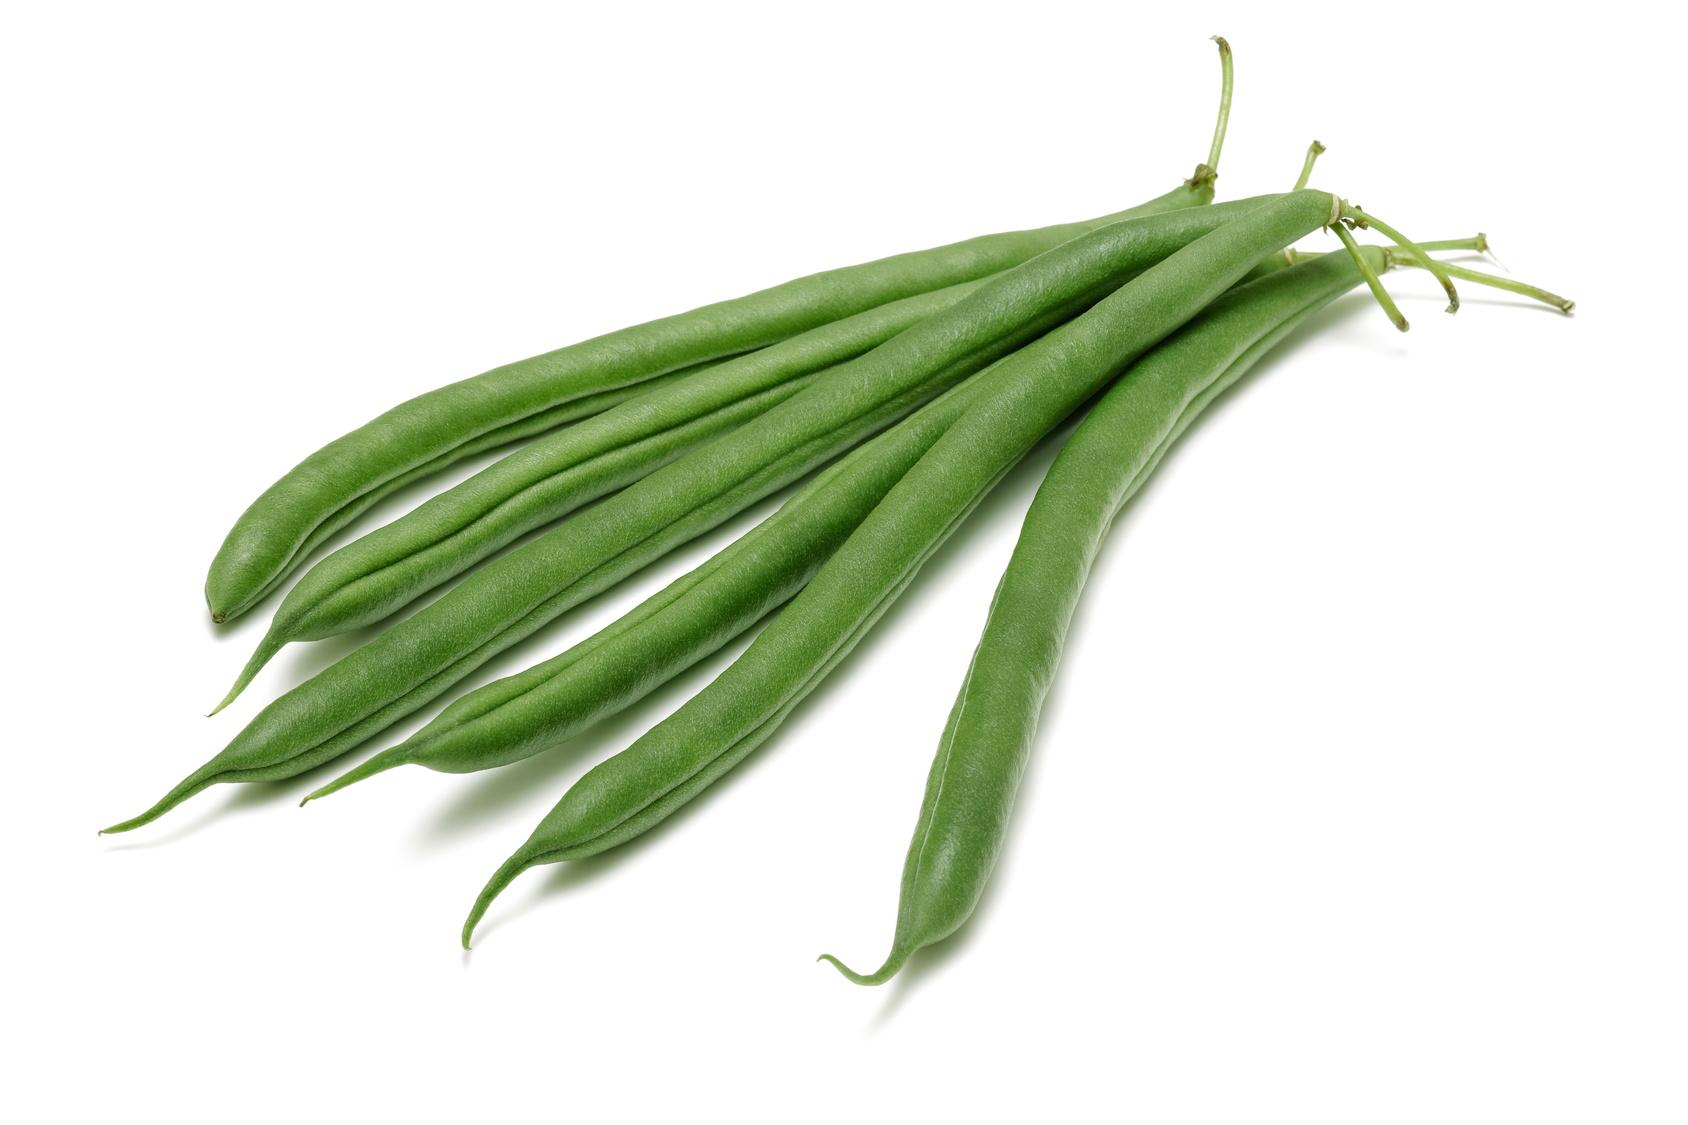 haricot vert frais légume nutrition recette santé